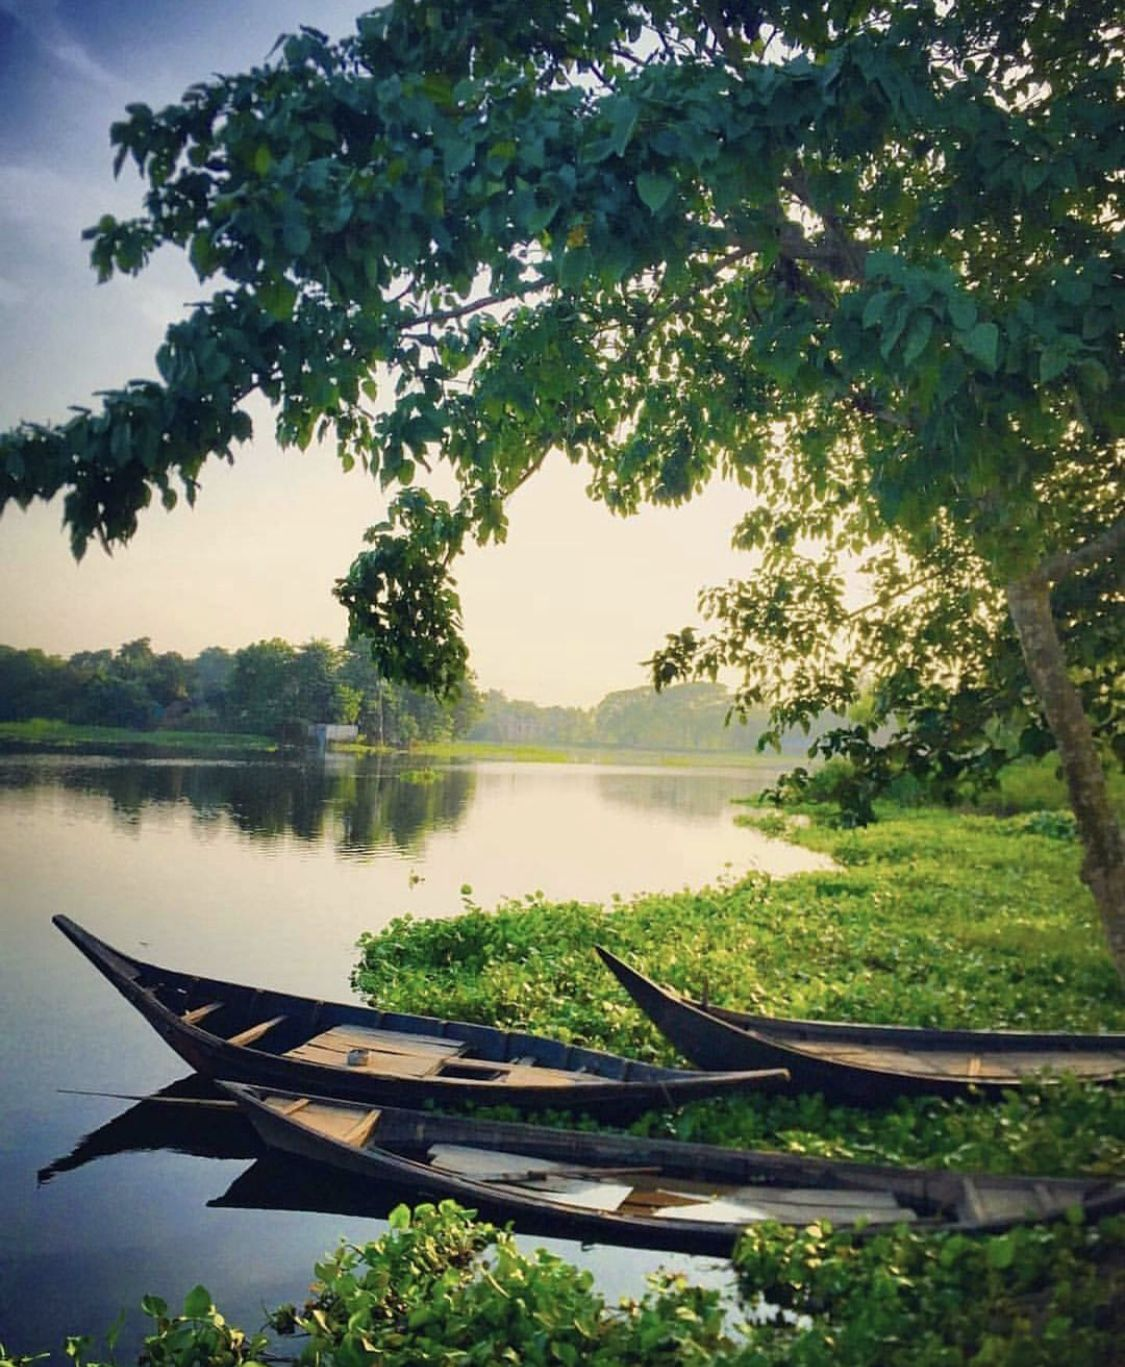 Beautiful Bangladesh: Water, Boats And Life